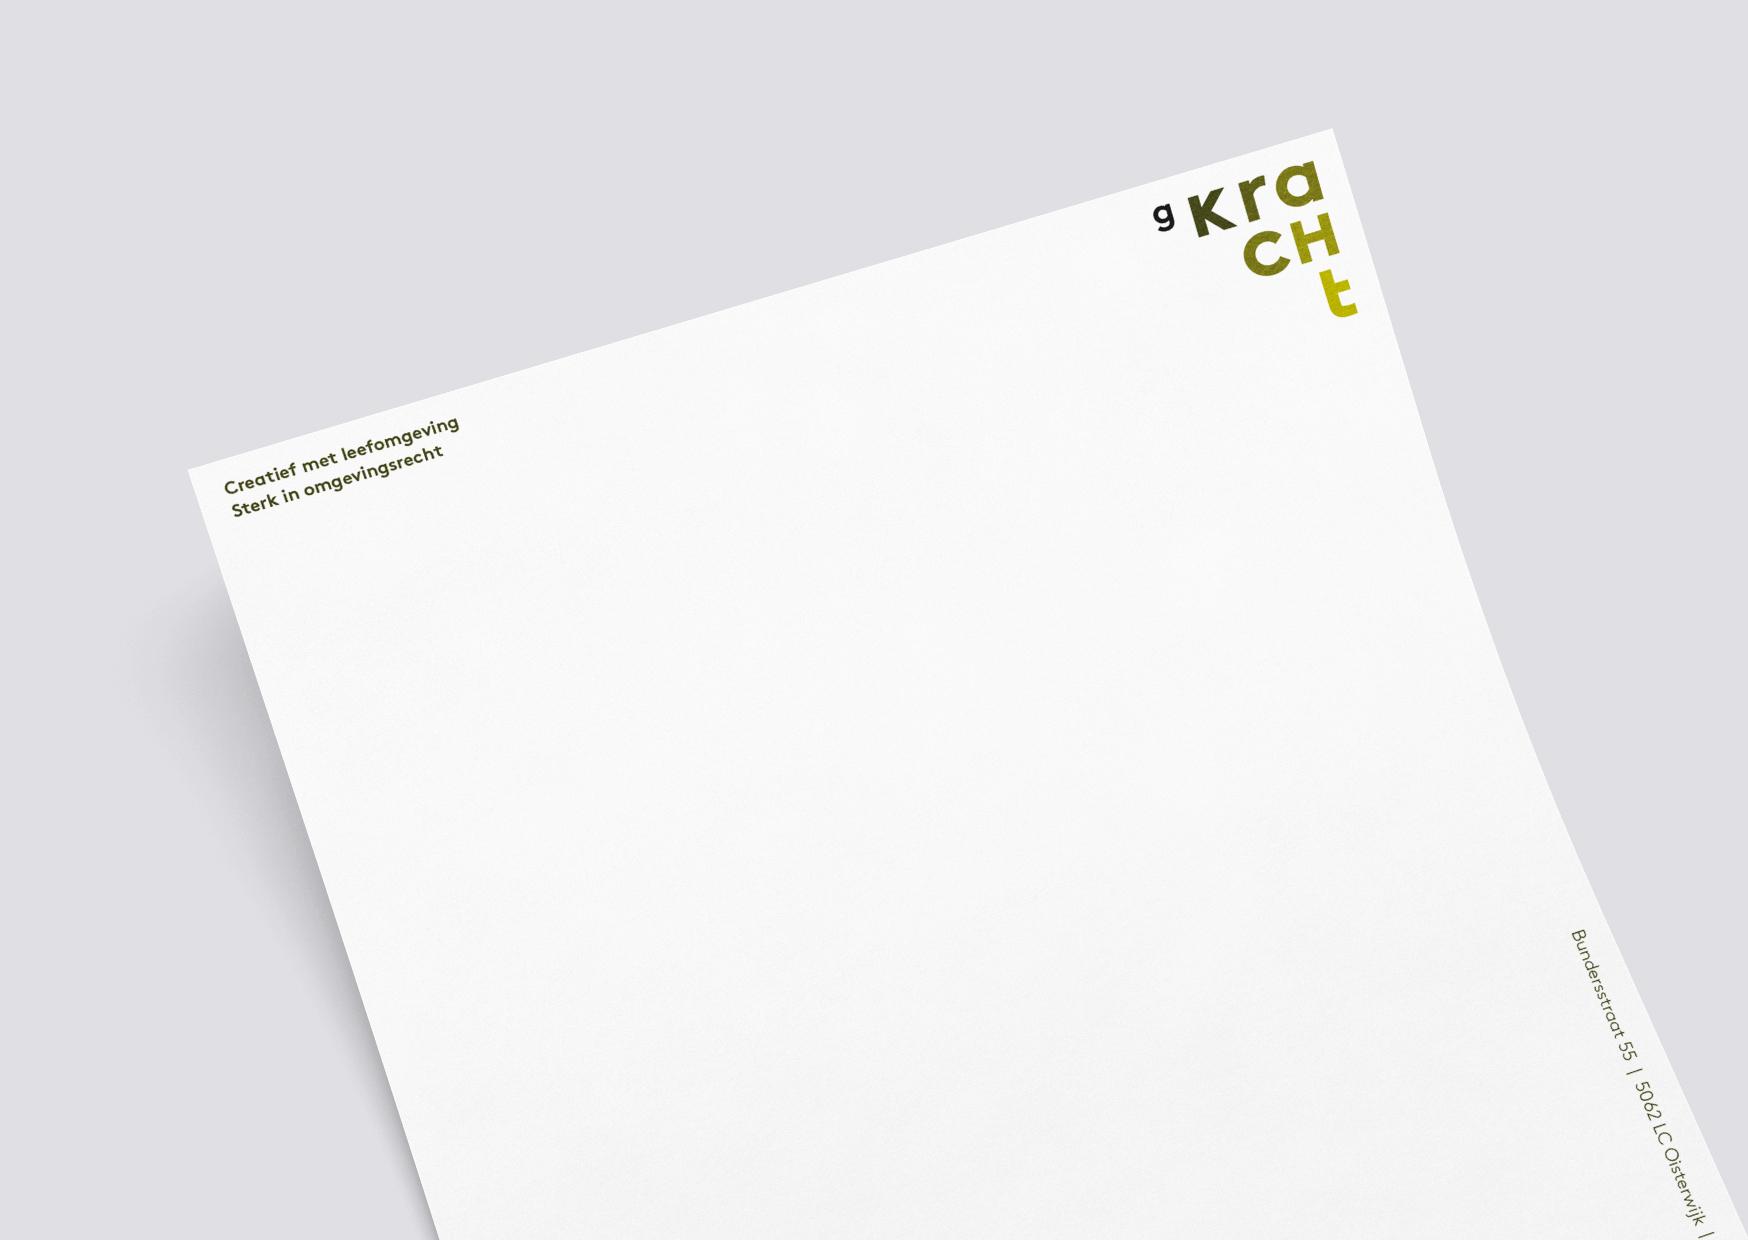 Buro Gkracht, omgevingswet, gemeente, logo, ruimtelijke ordening, grafisch ontwerp, groen, omgeving, identiteit, architectuur, gkracht, briefpapier, letter